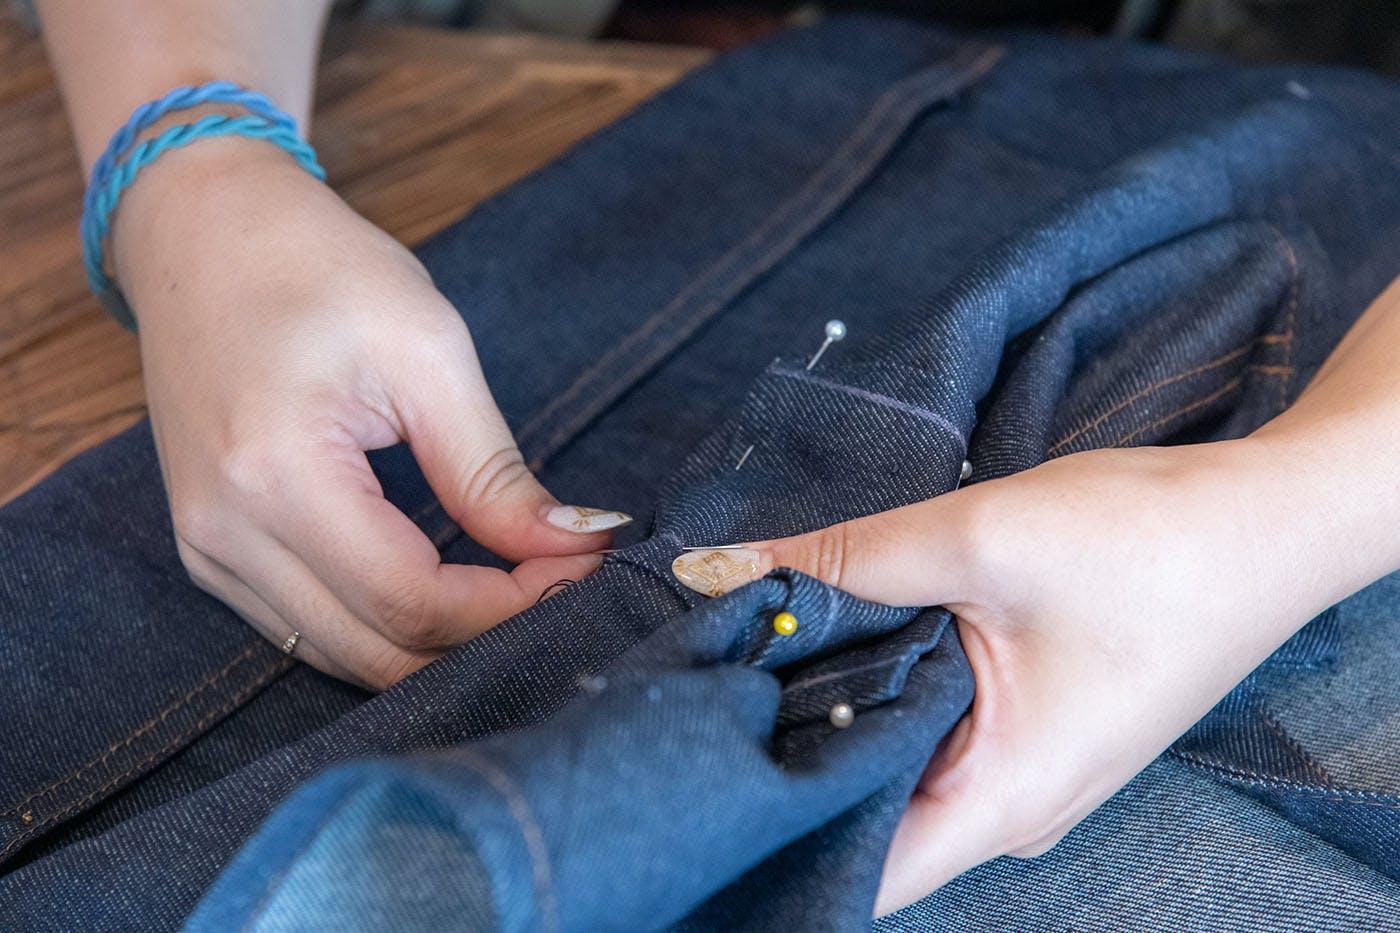 糸と針でサイドを縫い合わせるところ